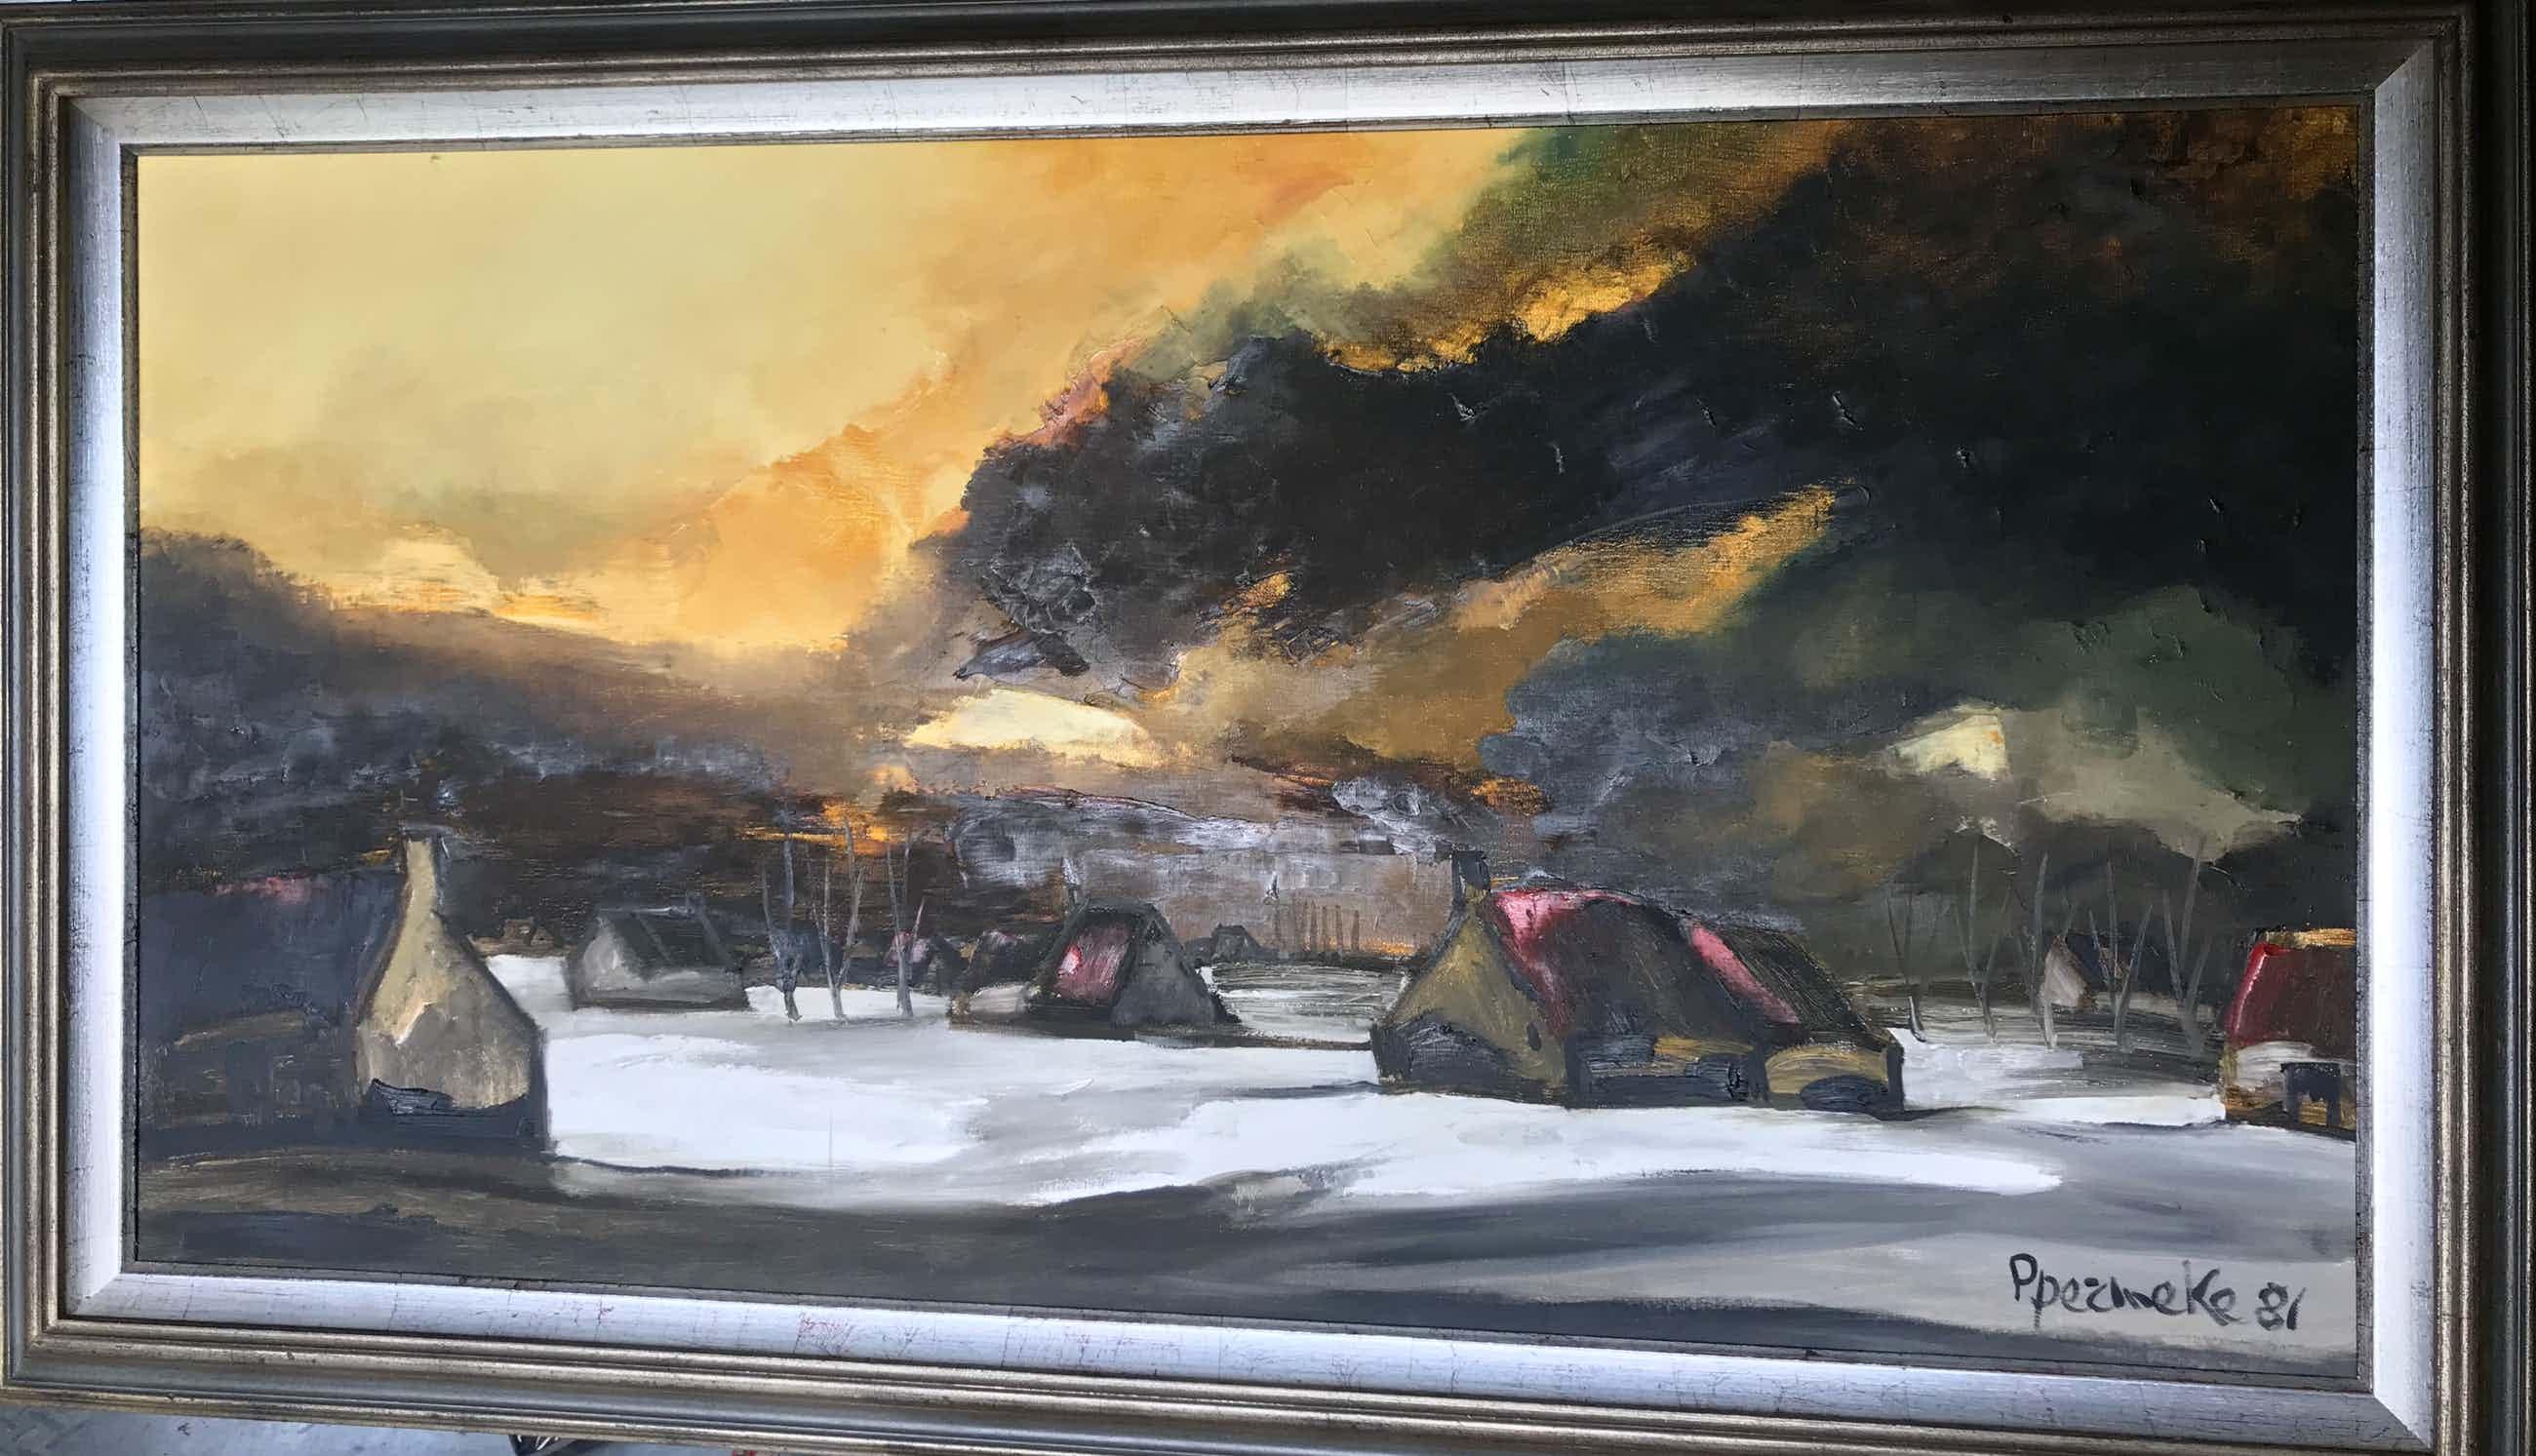 Paul Permeke - Olieverf schilderij: winterlandschap met ondergaande zon kopen? Bied vanaf 1049!